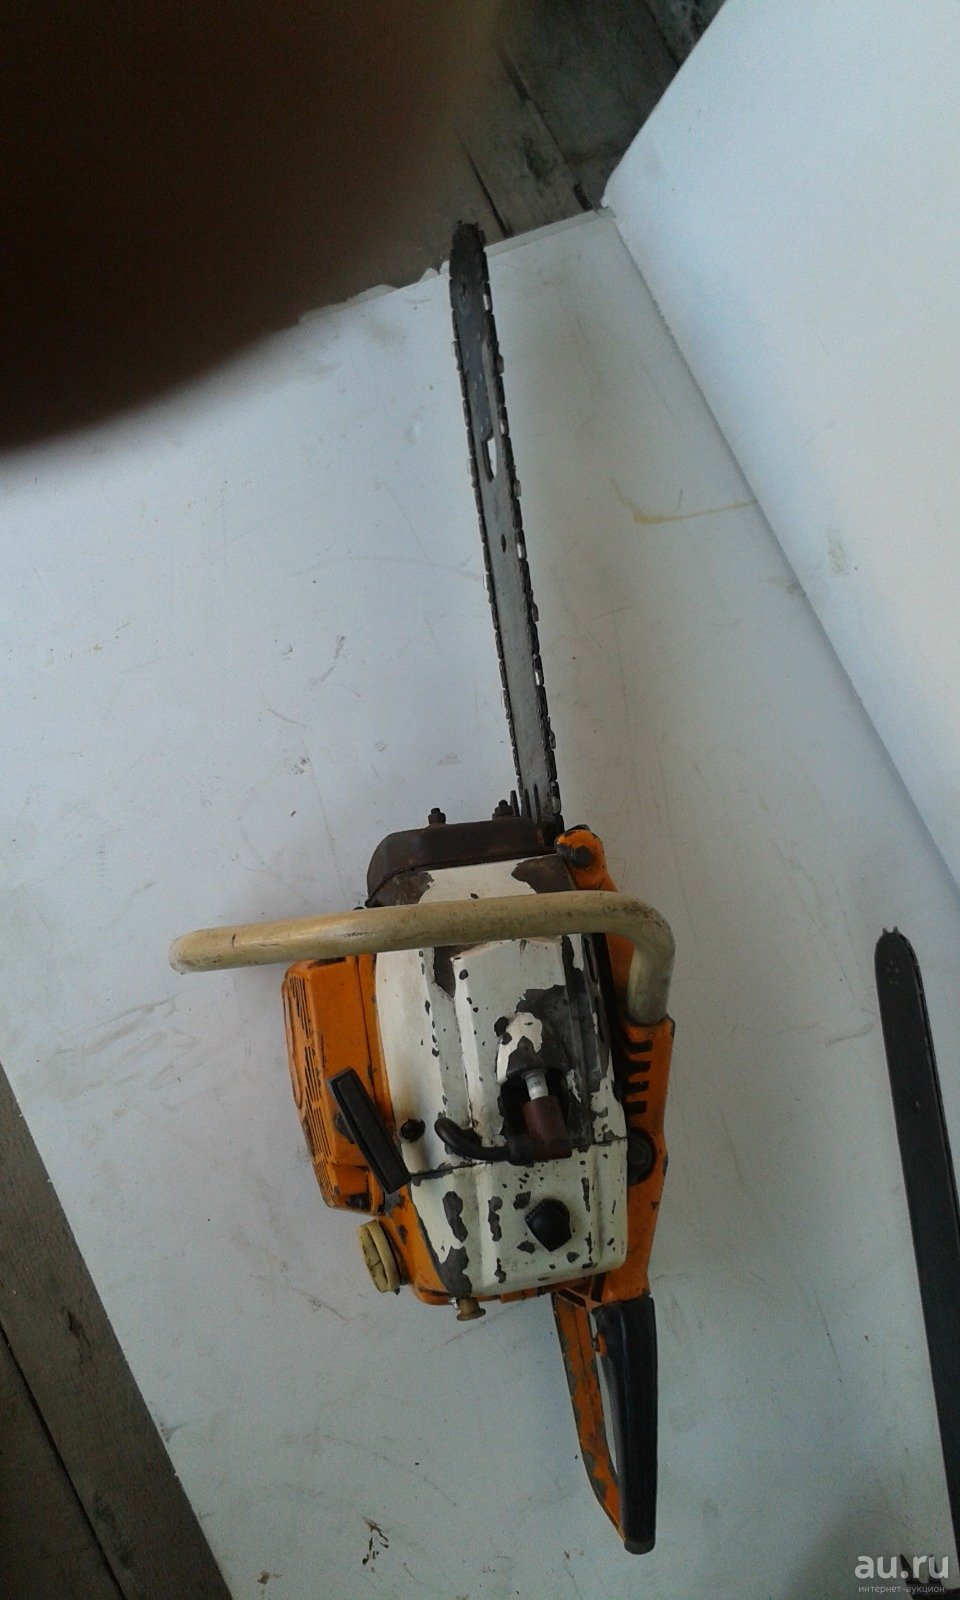 Бензопила тайга (зид): 214, 245, бп-3850, тбп-4000, 4500, 6300, технические характеристики, устройство, отзывы владельцев, цена, ремонт